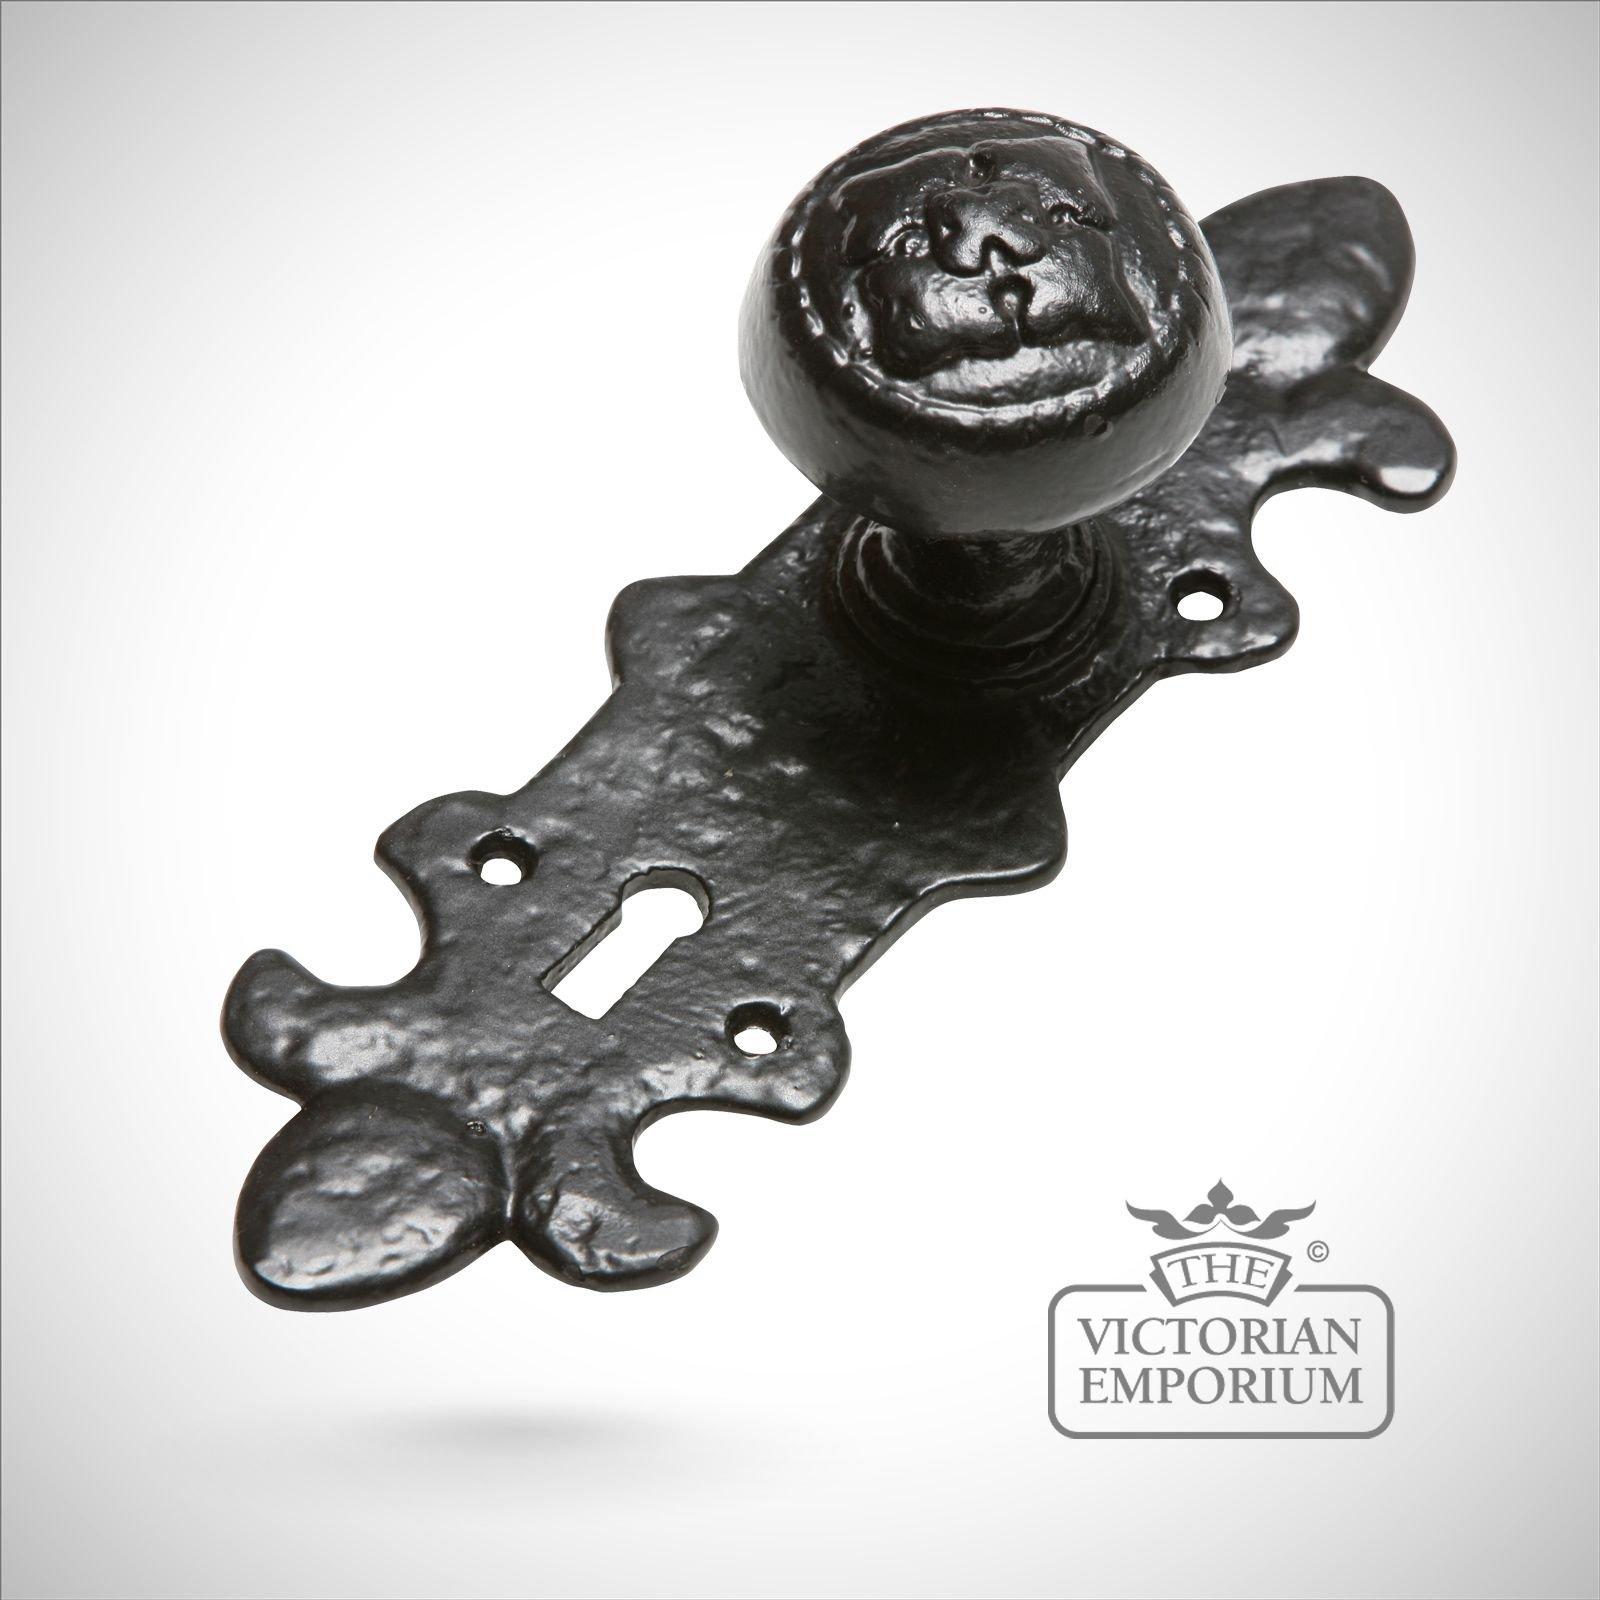 black iron handcrafted highly decorative door knob door knobs and door handles